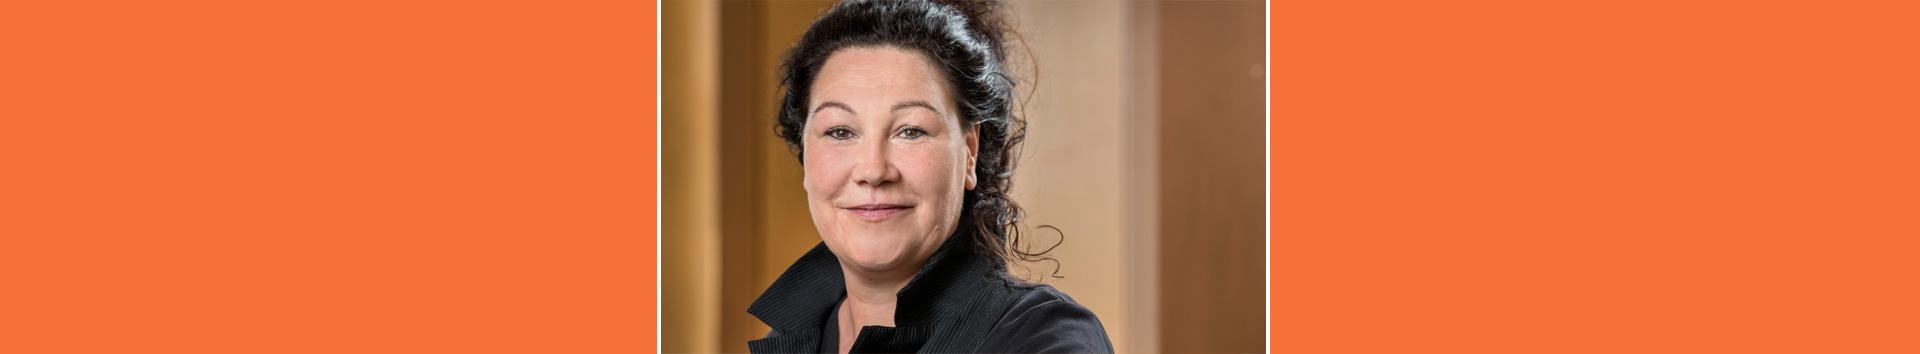 Eva Mosimann - Weiterentwicklung für Fachpersonen von Schulsozialarbeit und Soziale Arbeit